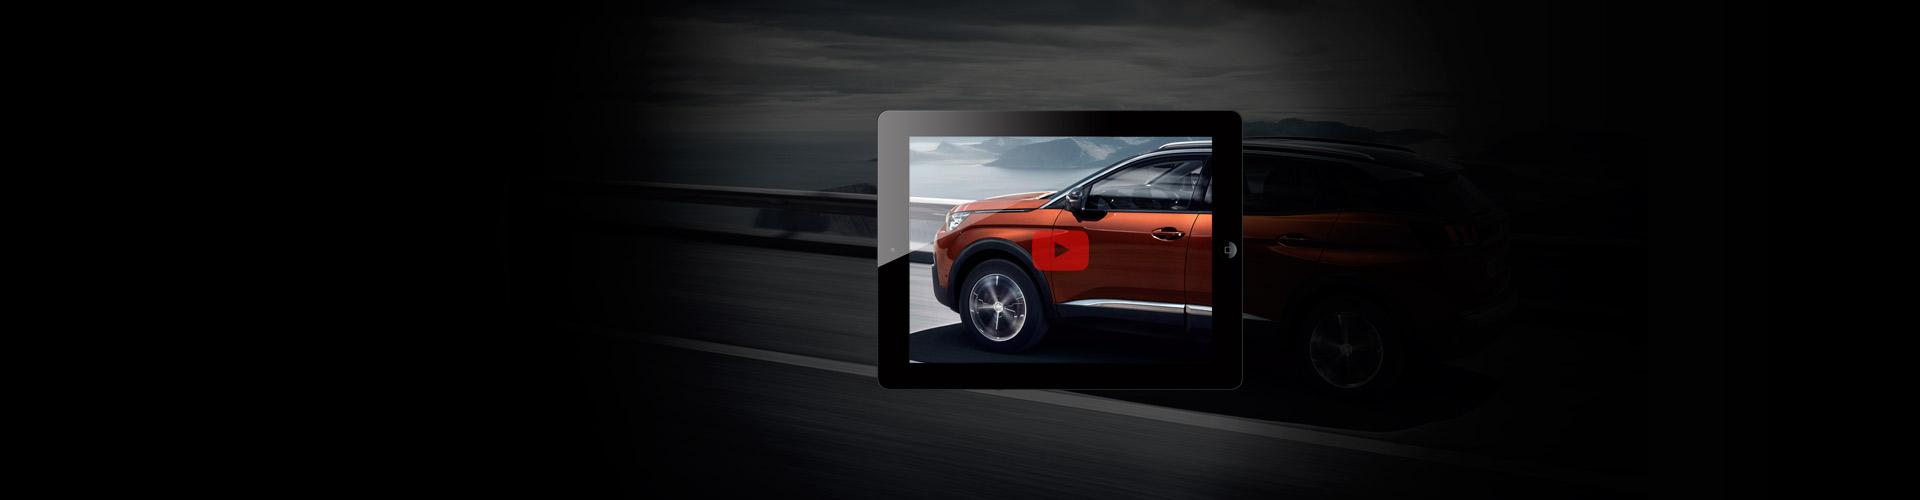 Peugeot Argentina Y Su Caso De éxito En YouTube